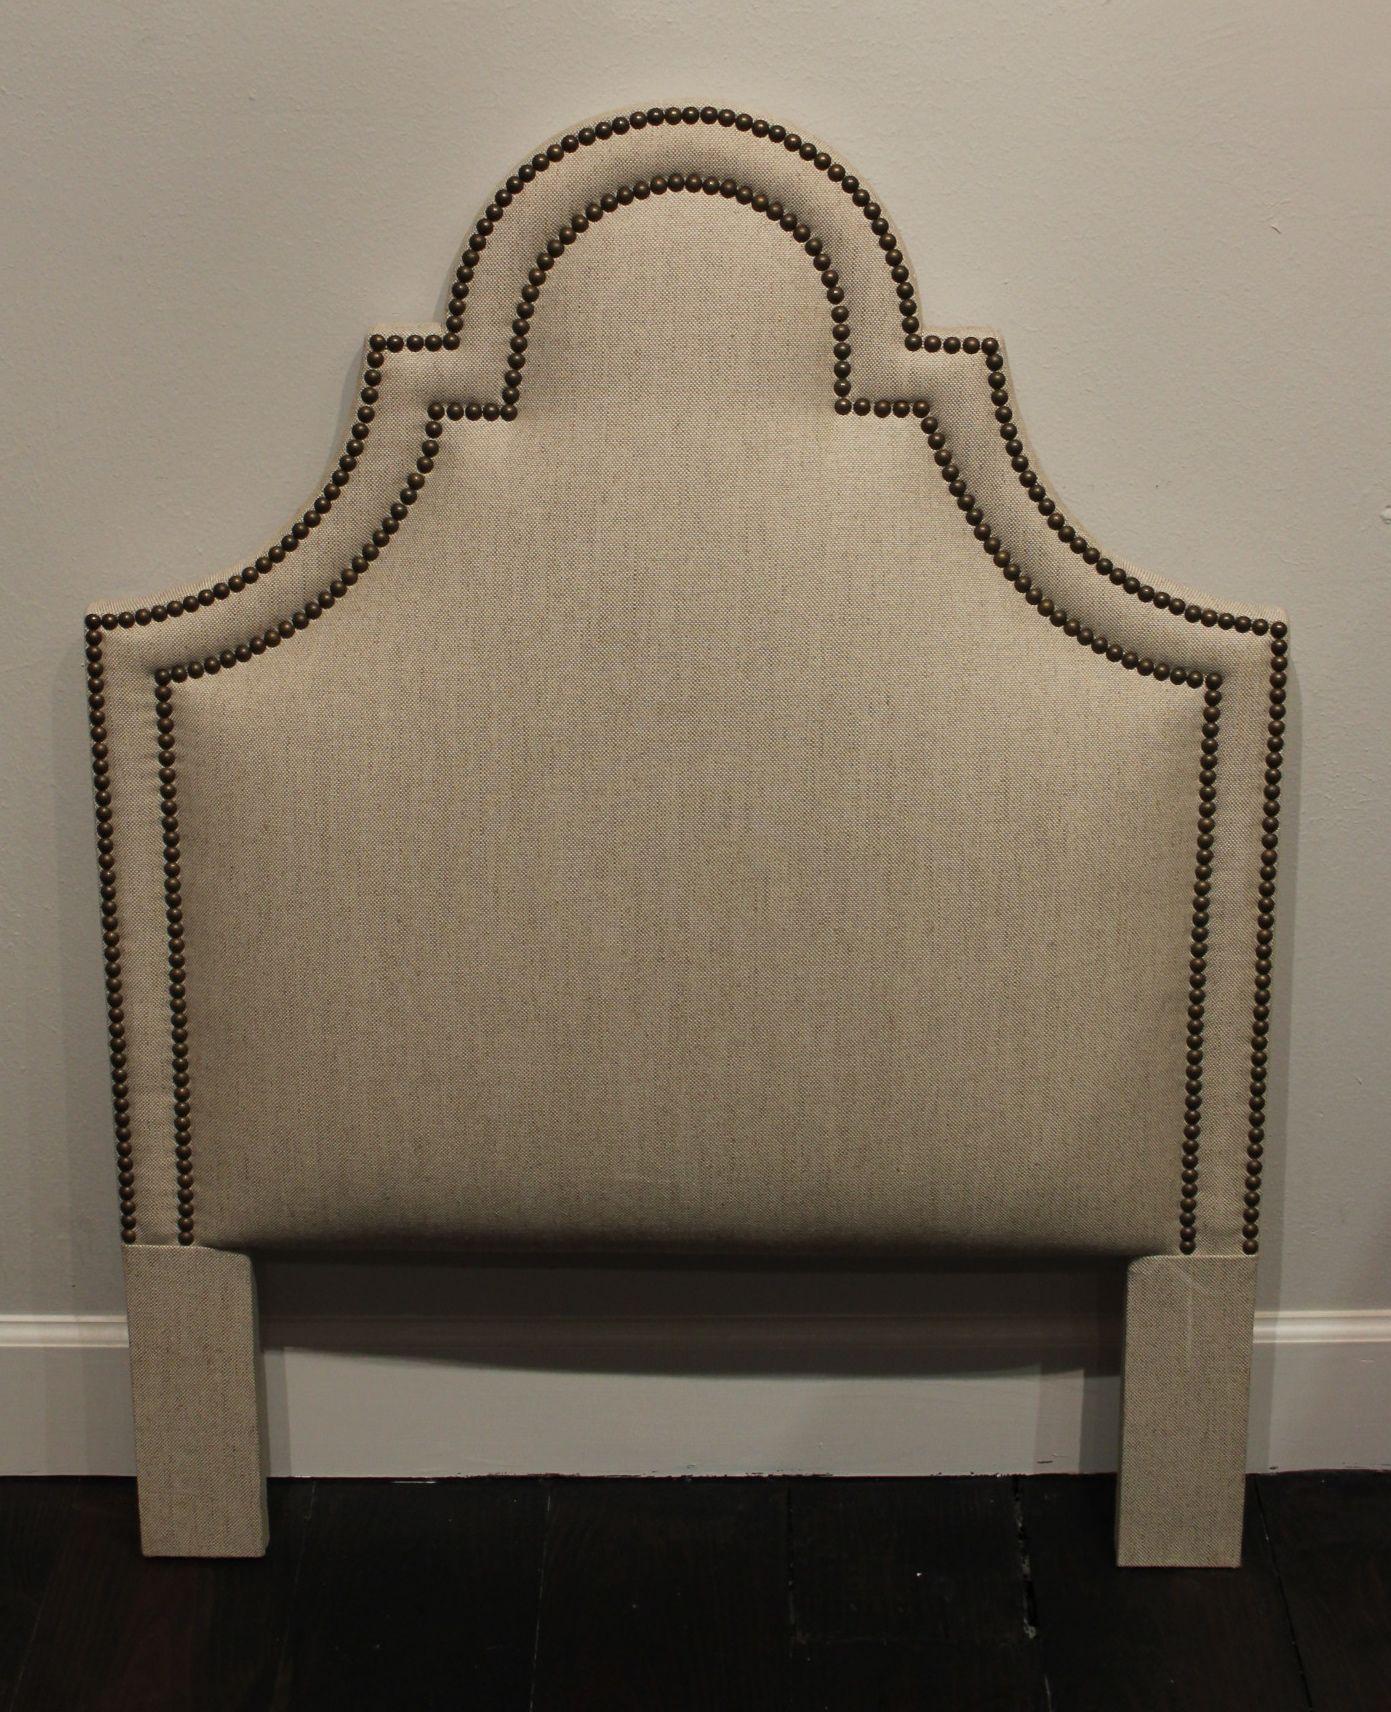 Sale Furniture Houston: Peden Custom Upholstered Headboard